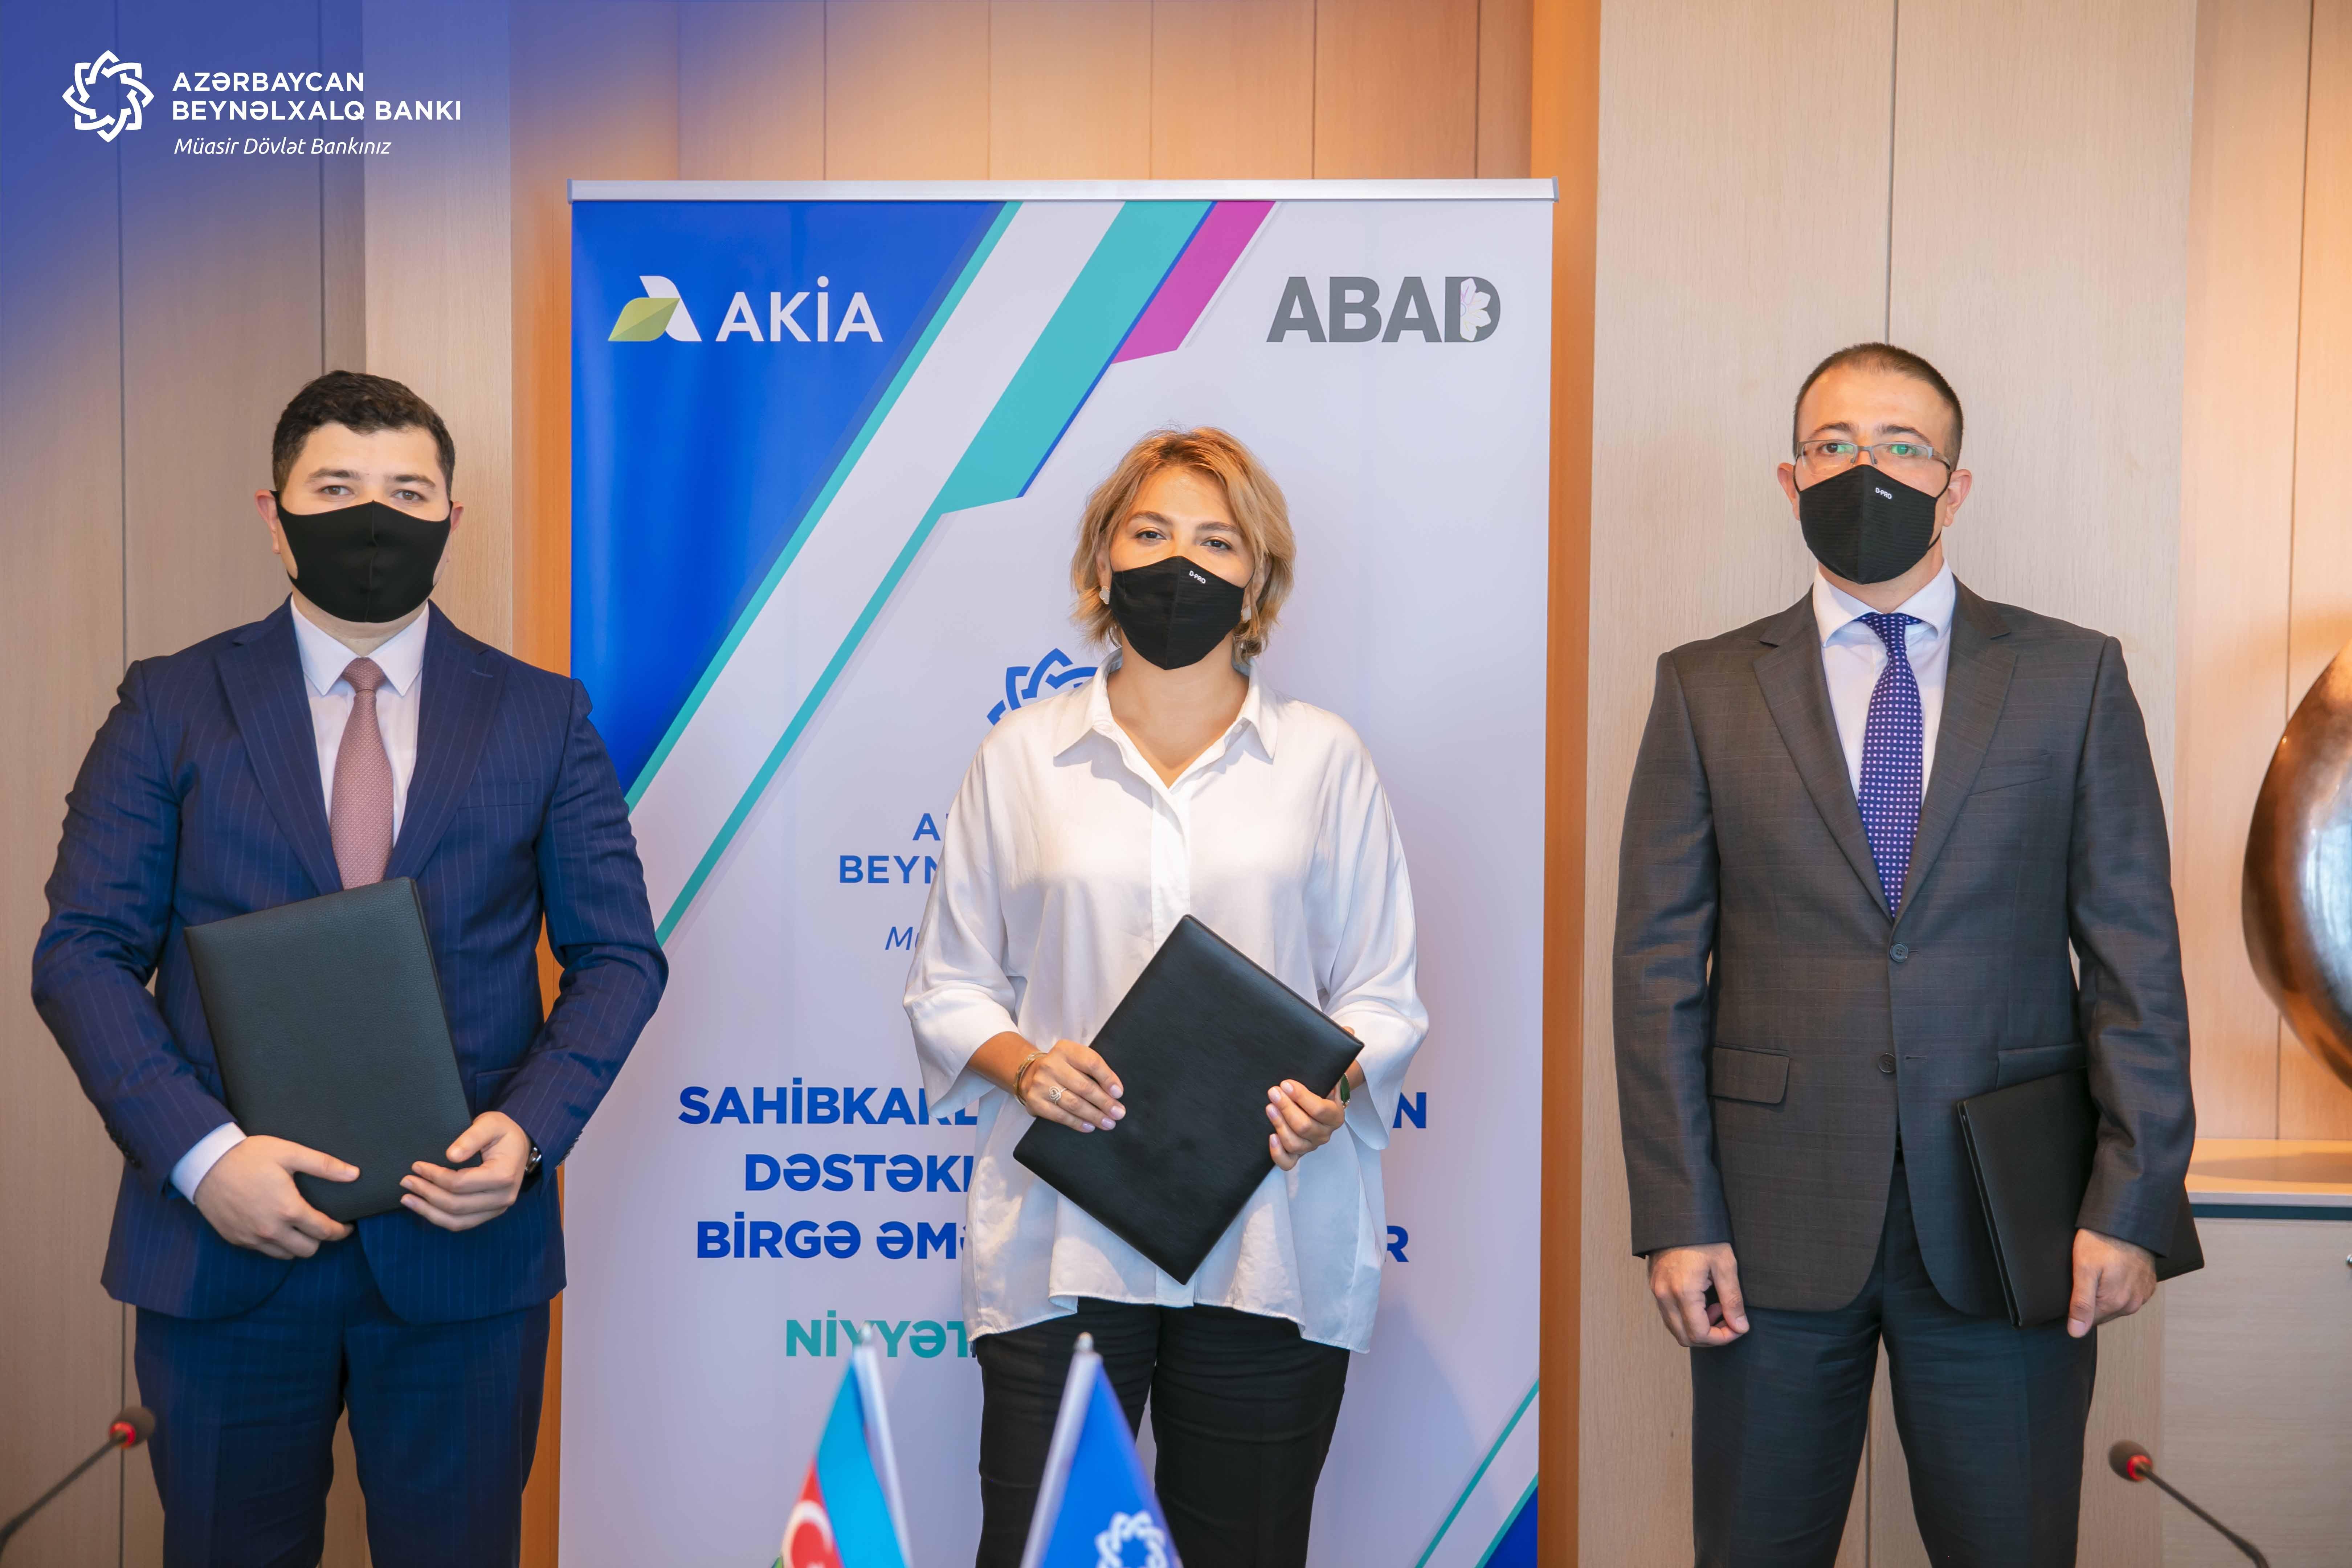 Международный Банк Азербайджана, ABAD и AKİA окажут поддержку в развитии предпринимательства в аграрном секторе